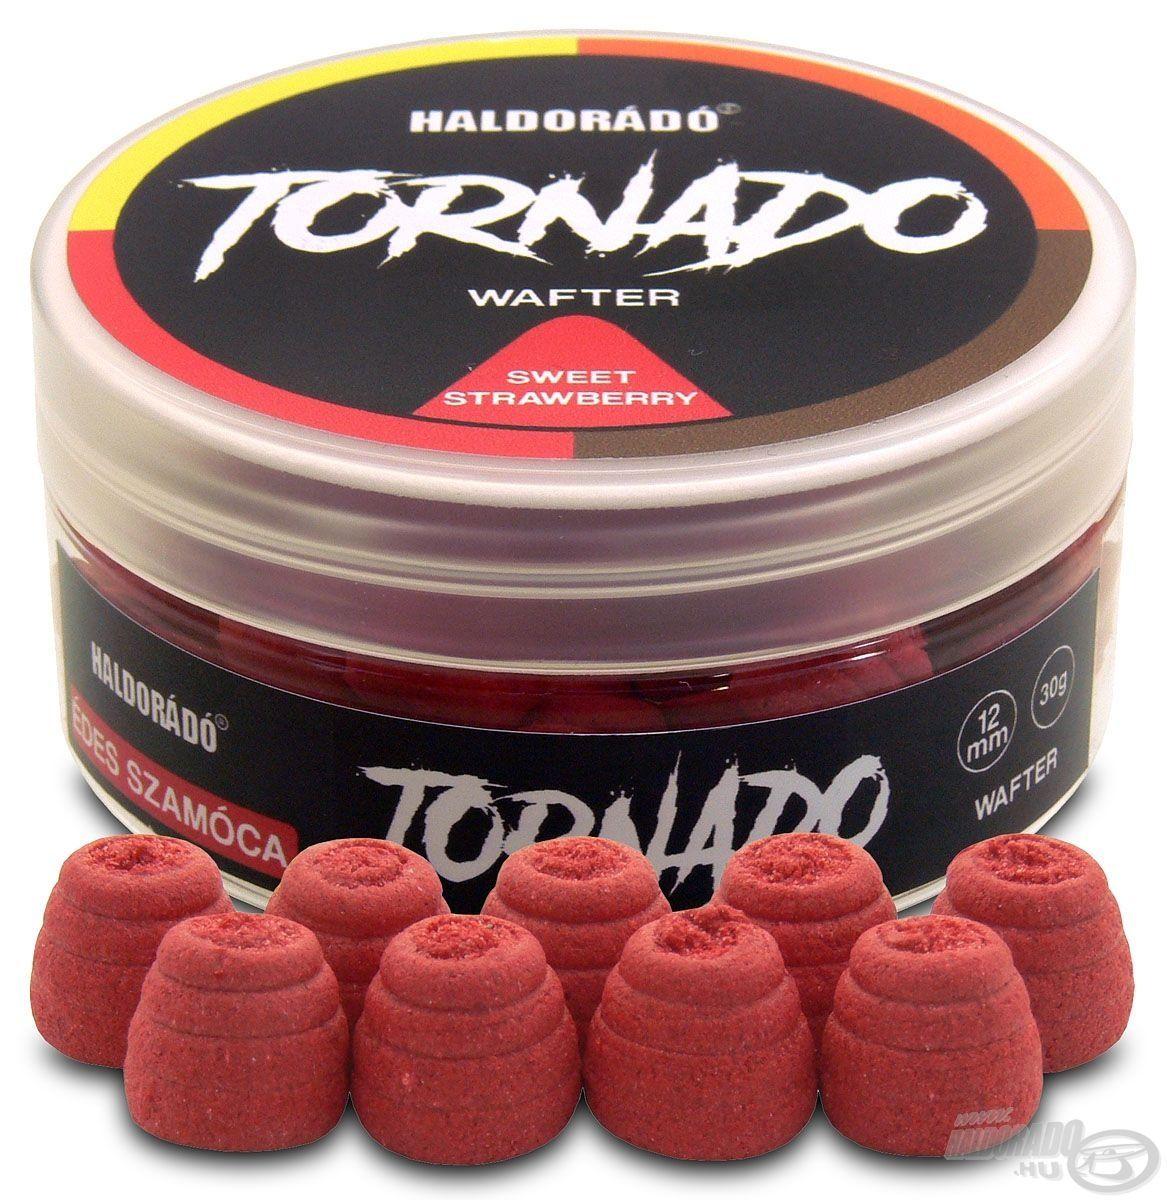 Haldorádó Tornado Wafters